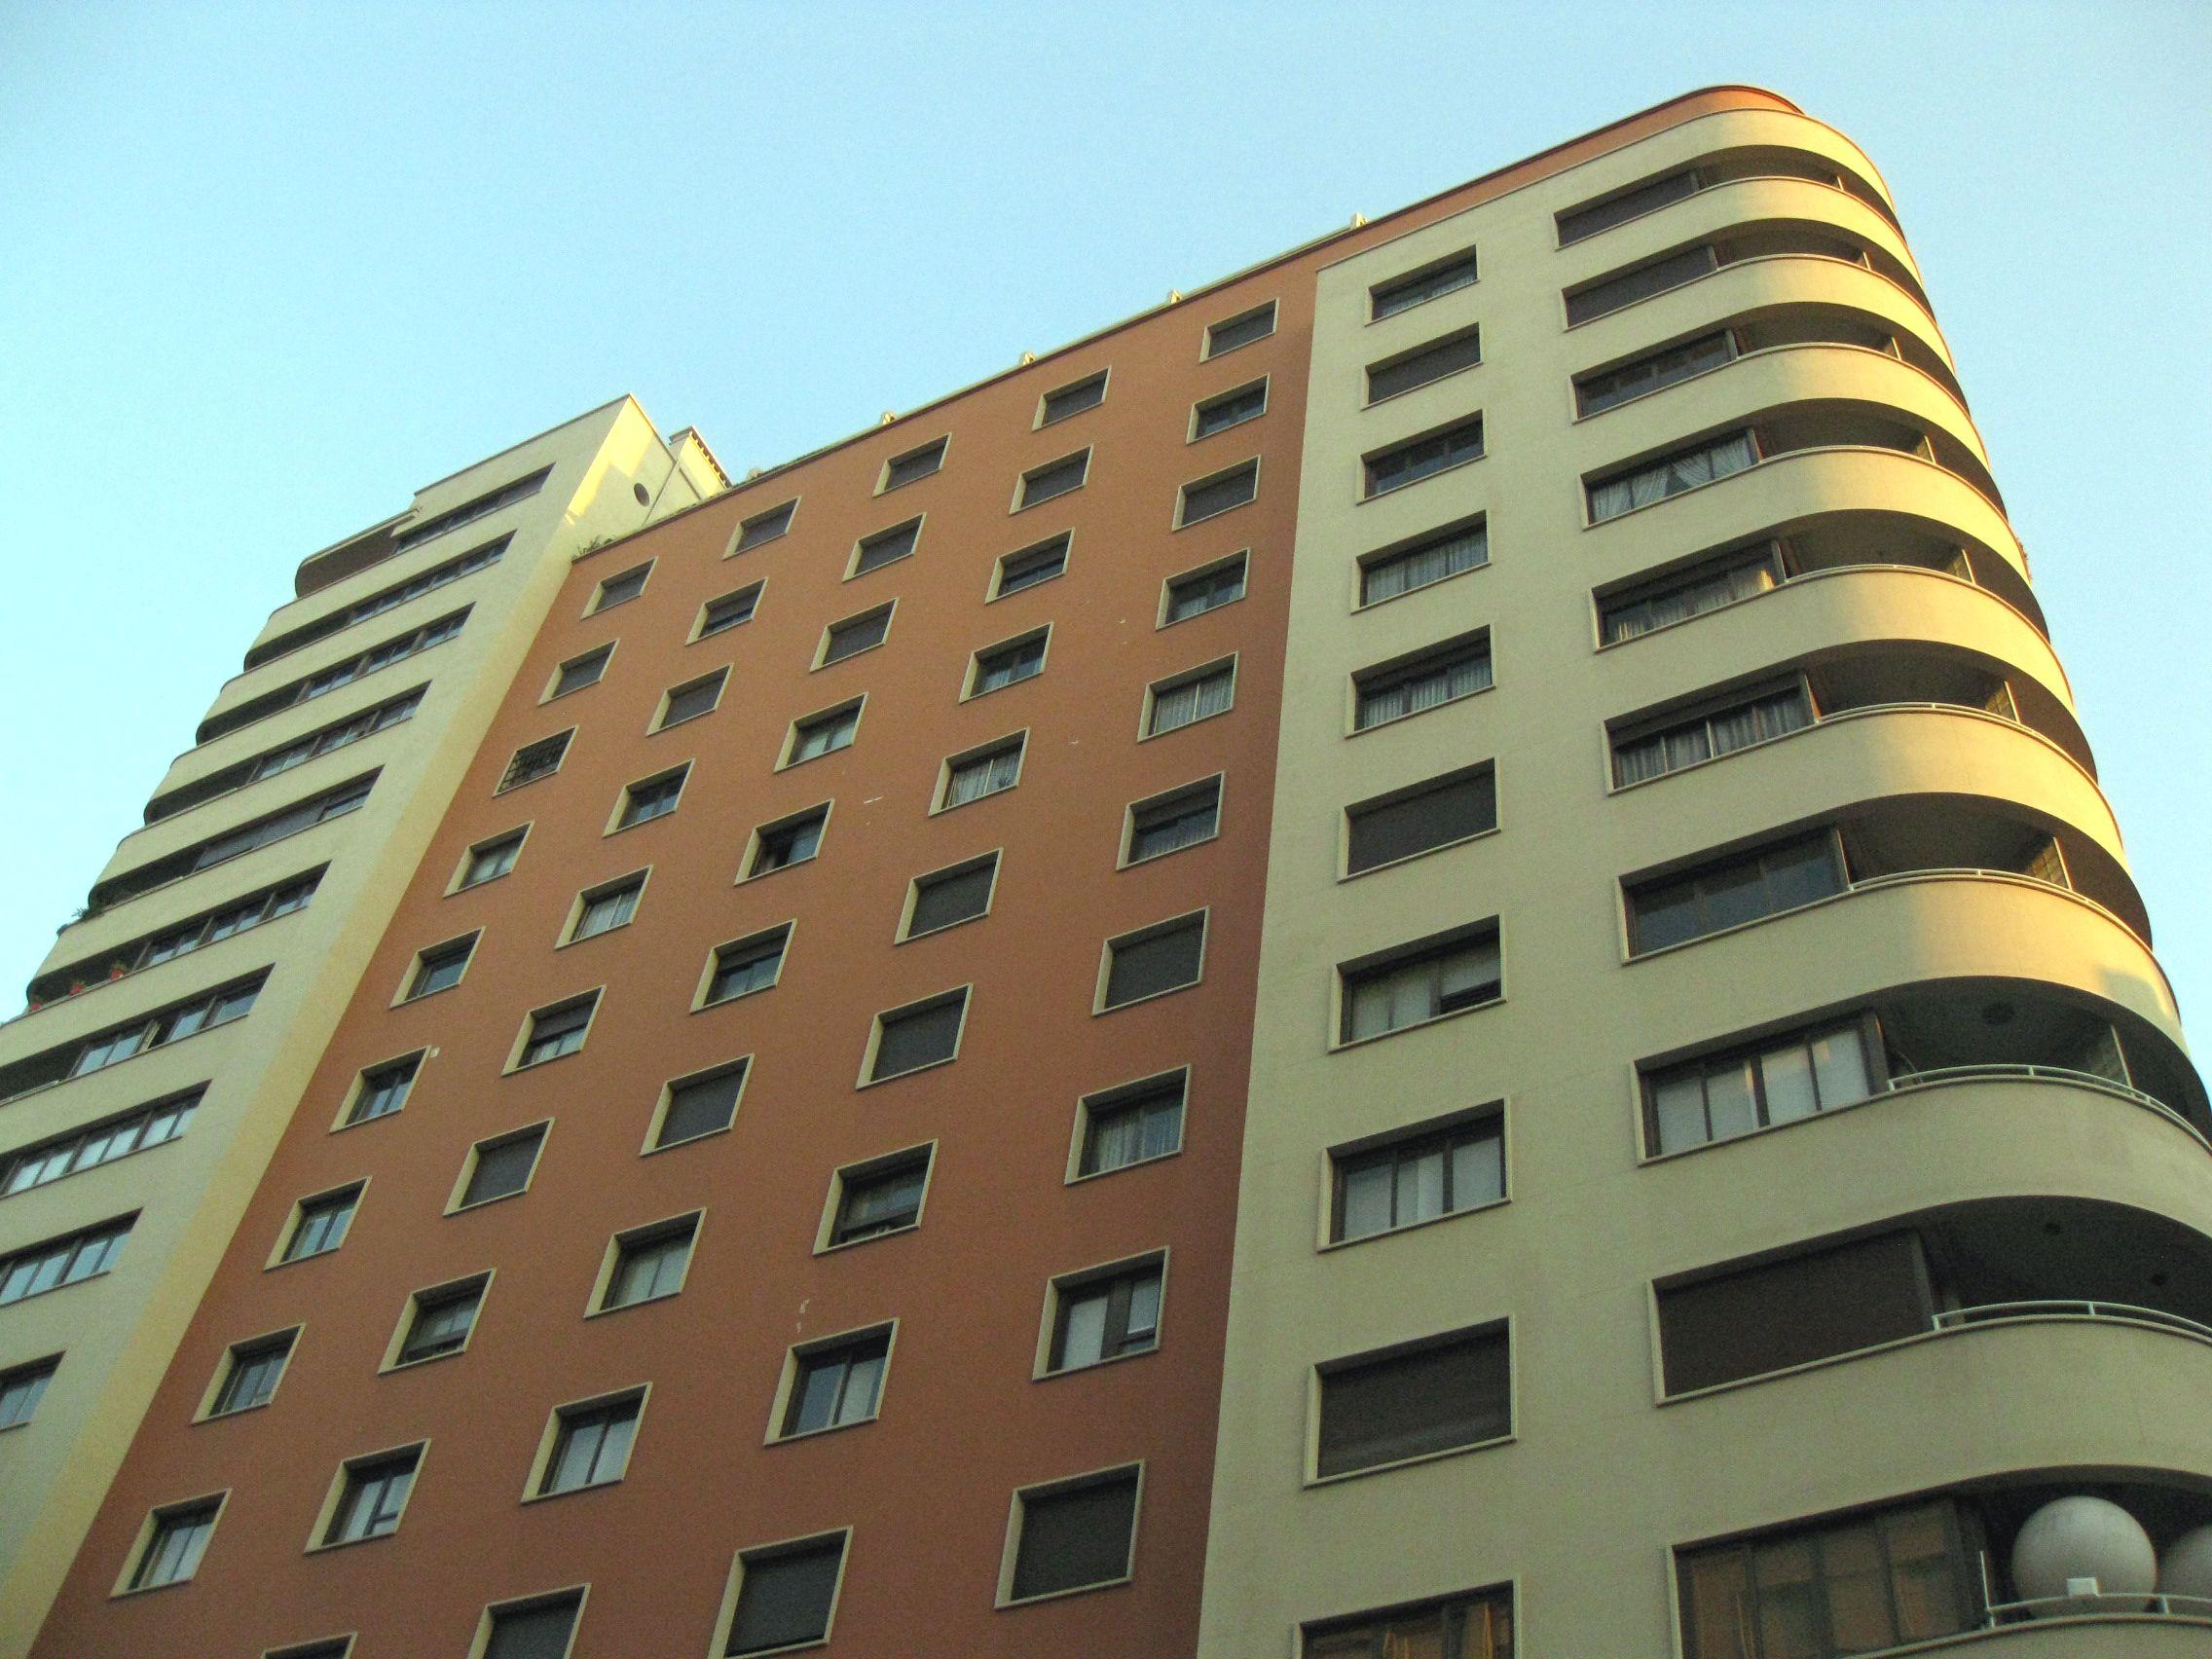 Edifici Fàbregas, gratacel Urquinaona